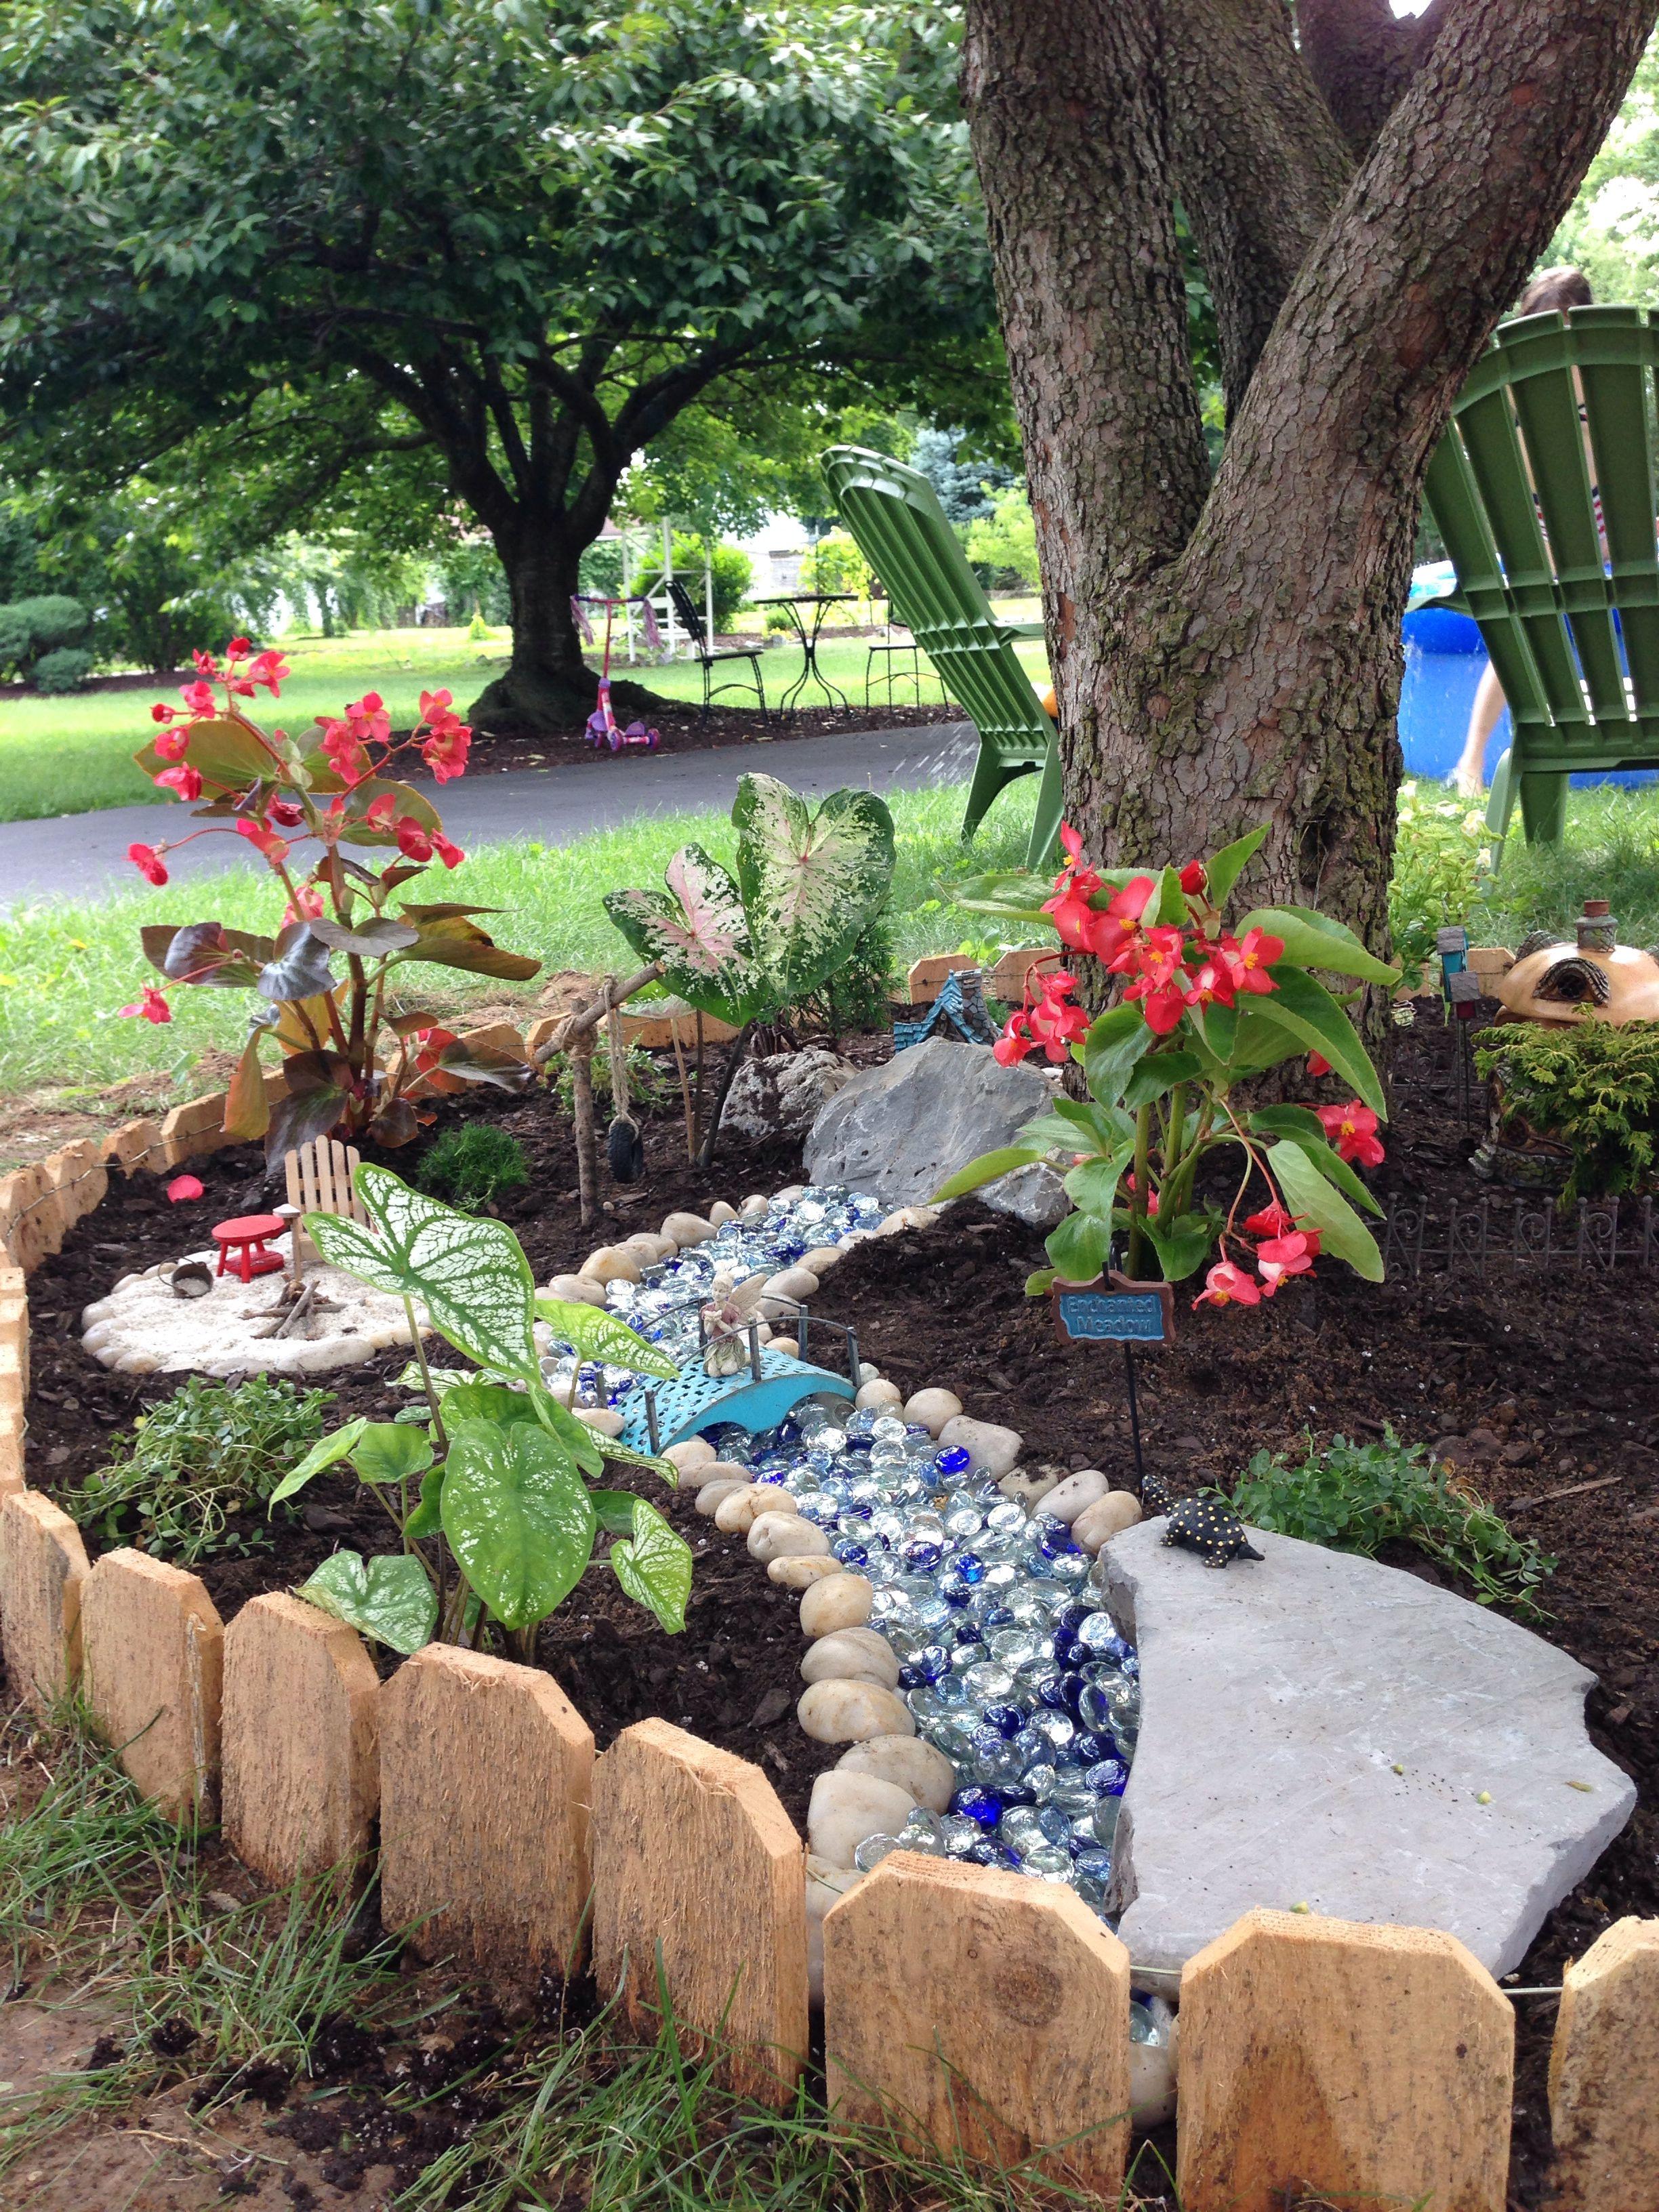 Fairy garden | Fairy garden, Garden, Outdoor decor